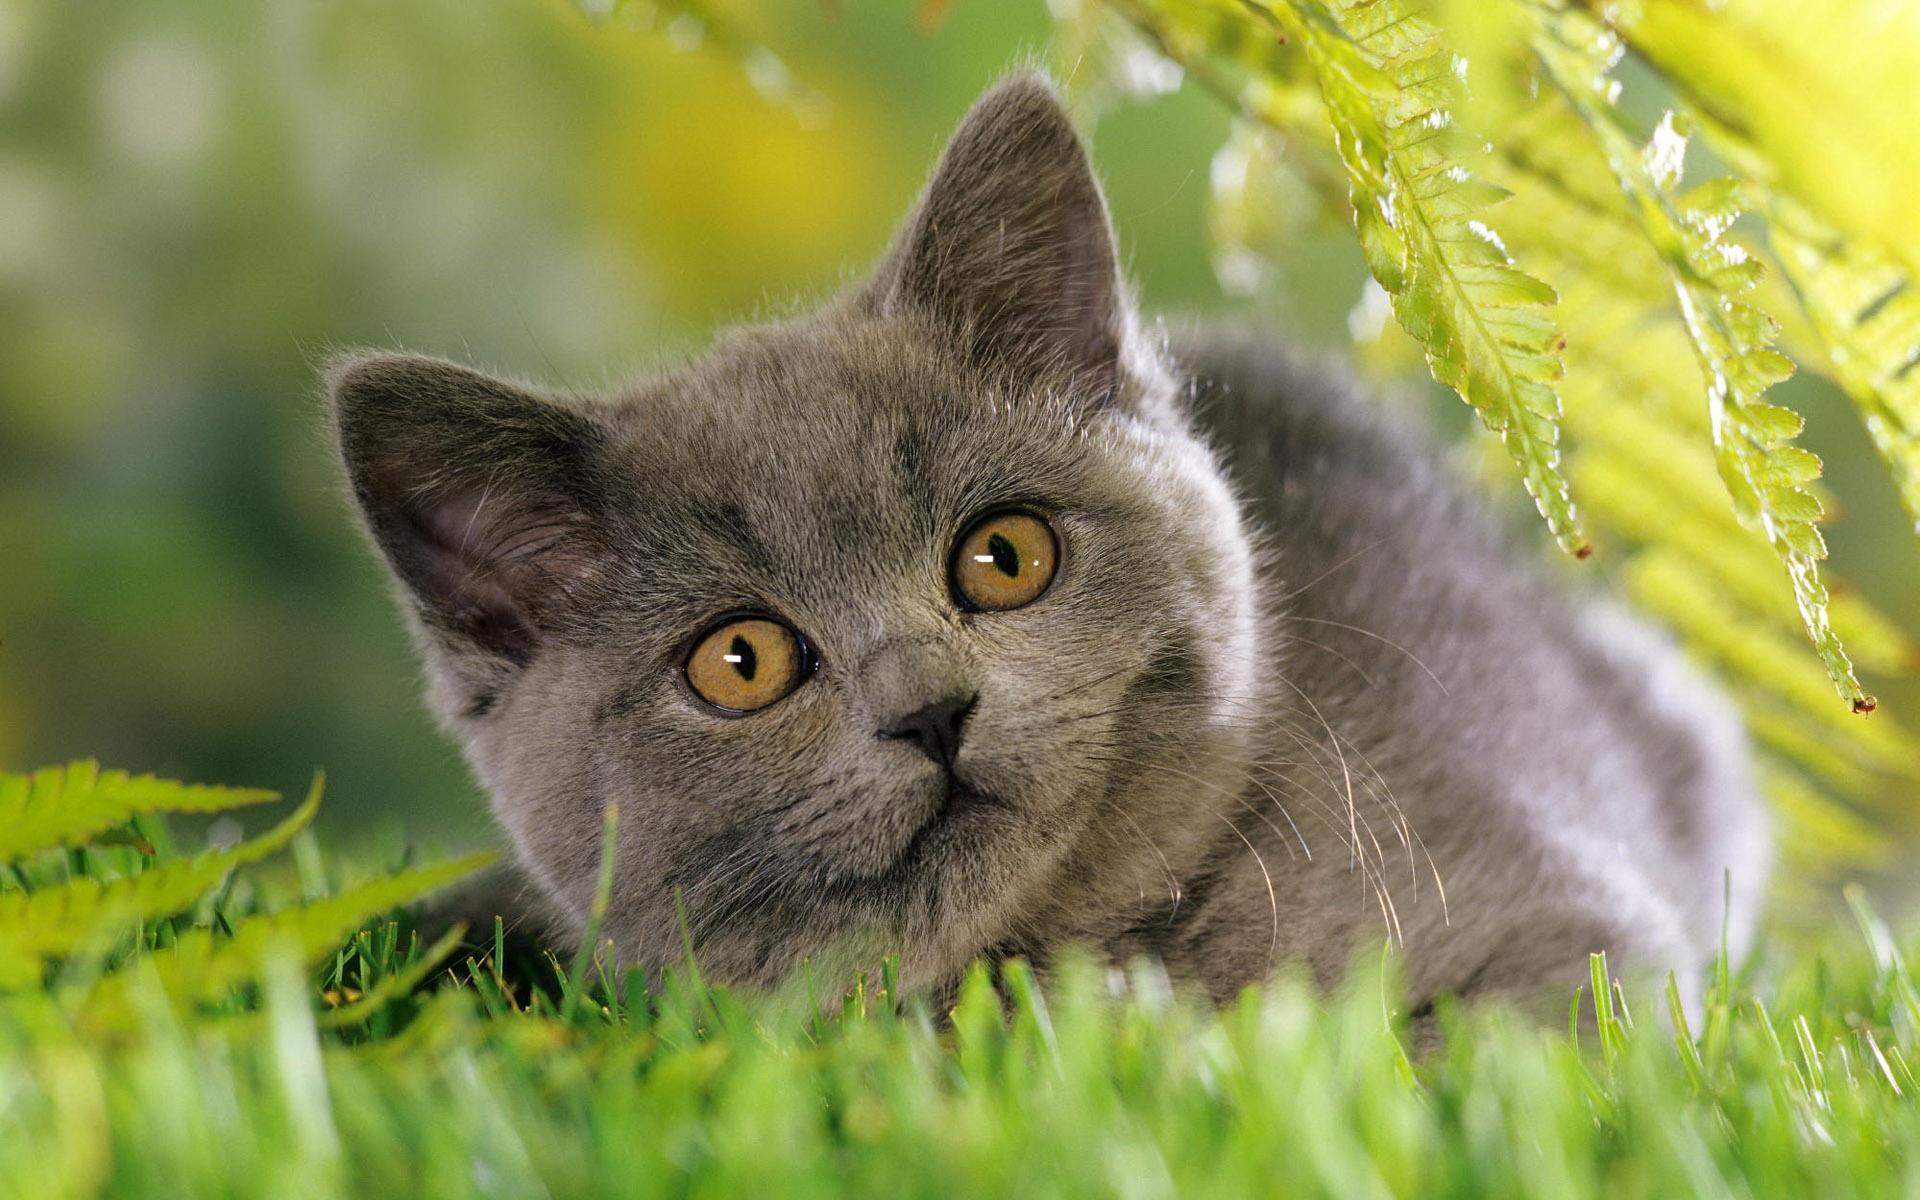 32624 Заставки и Обои Кошки (Коты, Котики) на телефон. Скачать Кошки (Коты, Котики), Животные картинки бесплатно